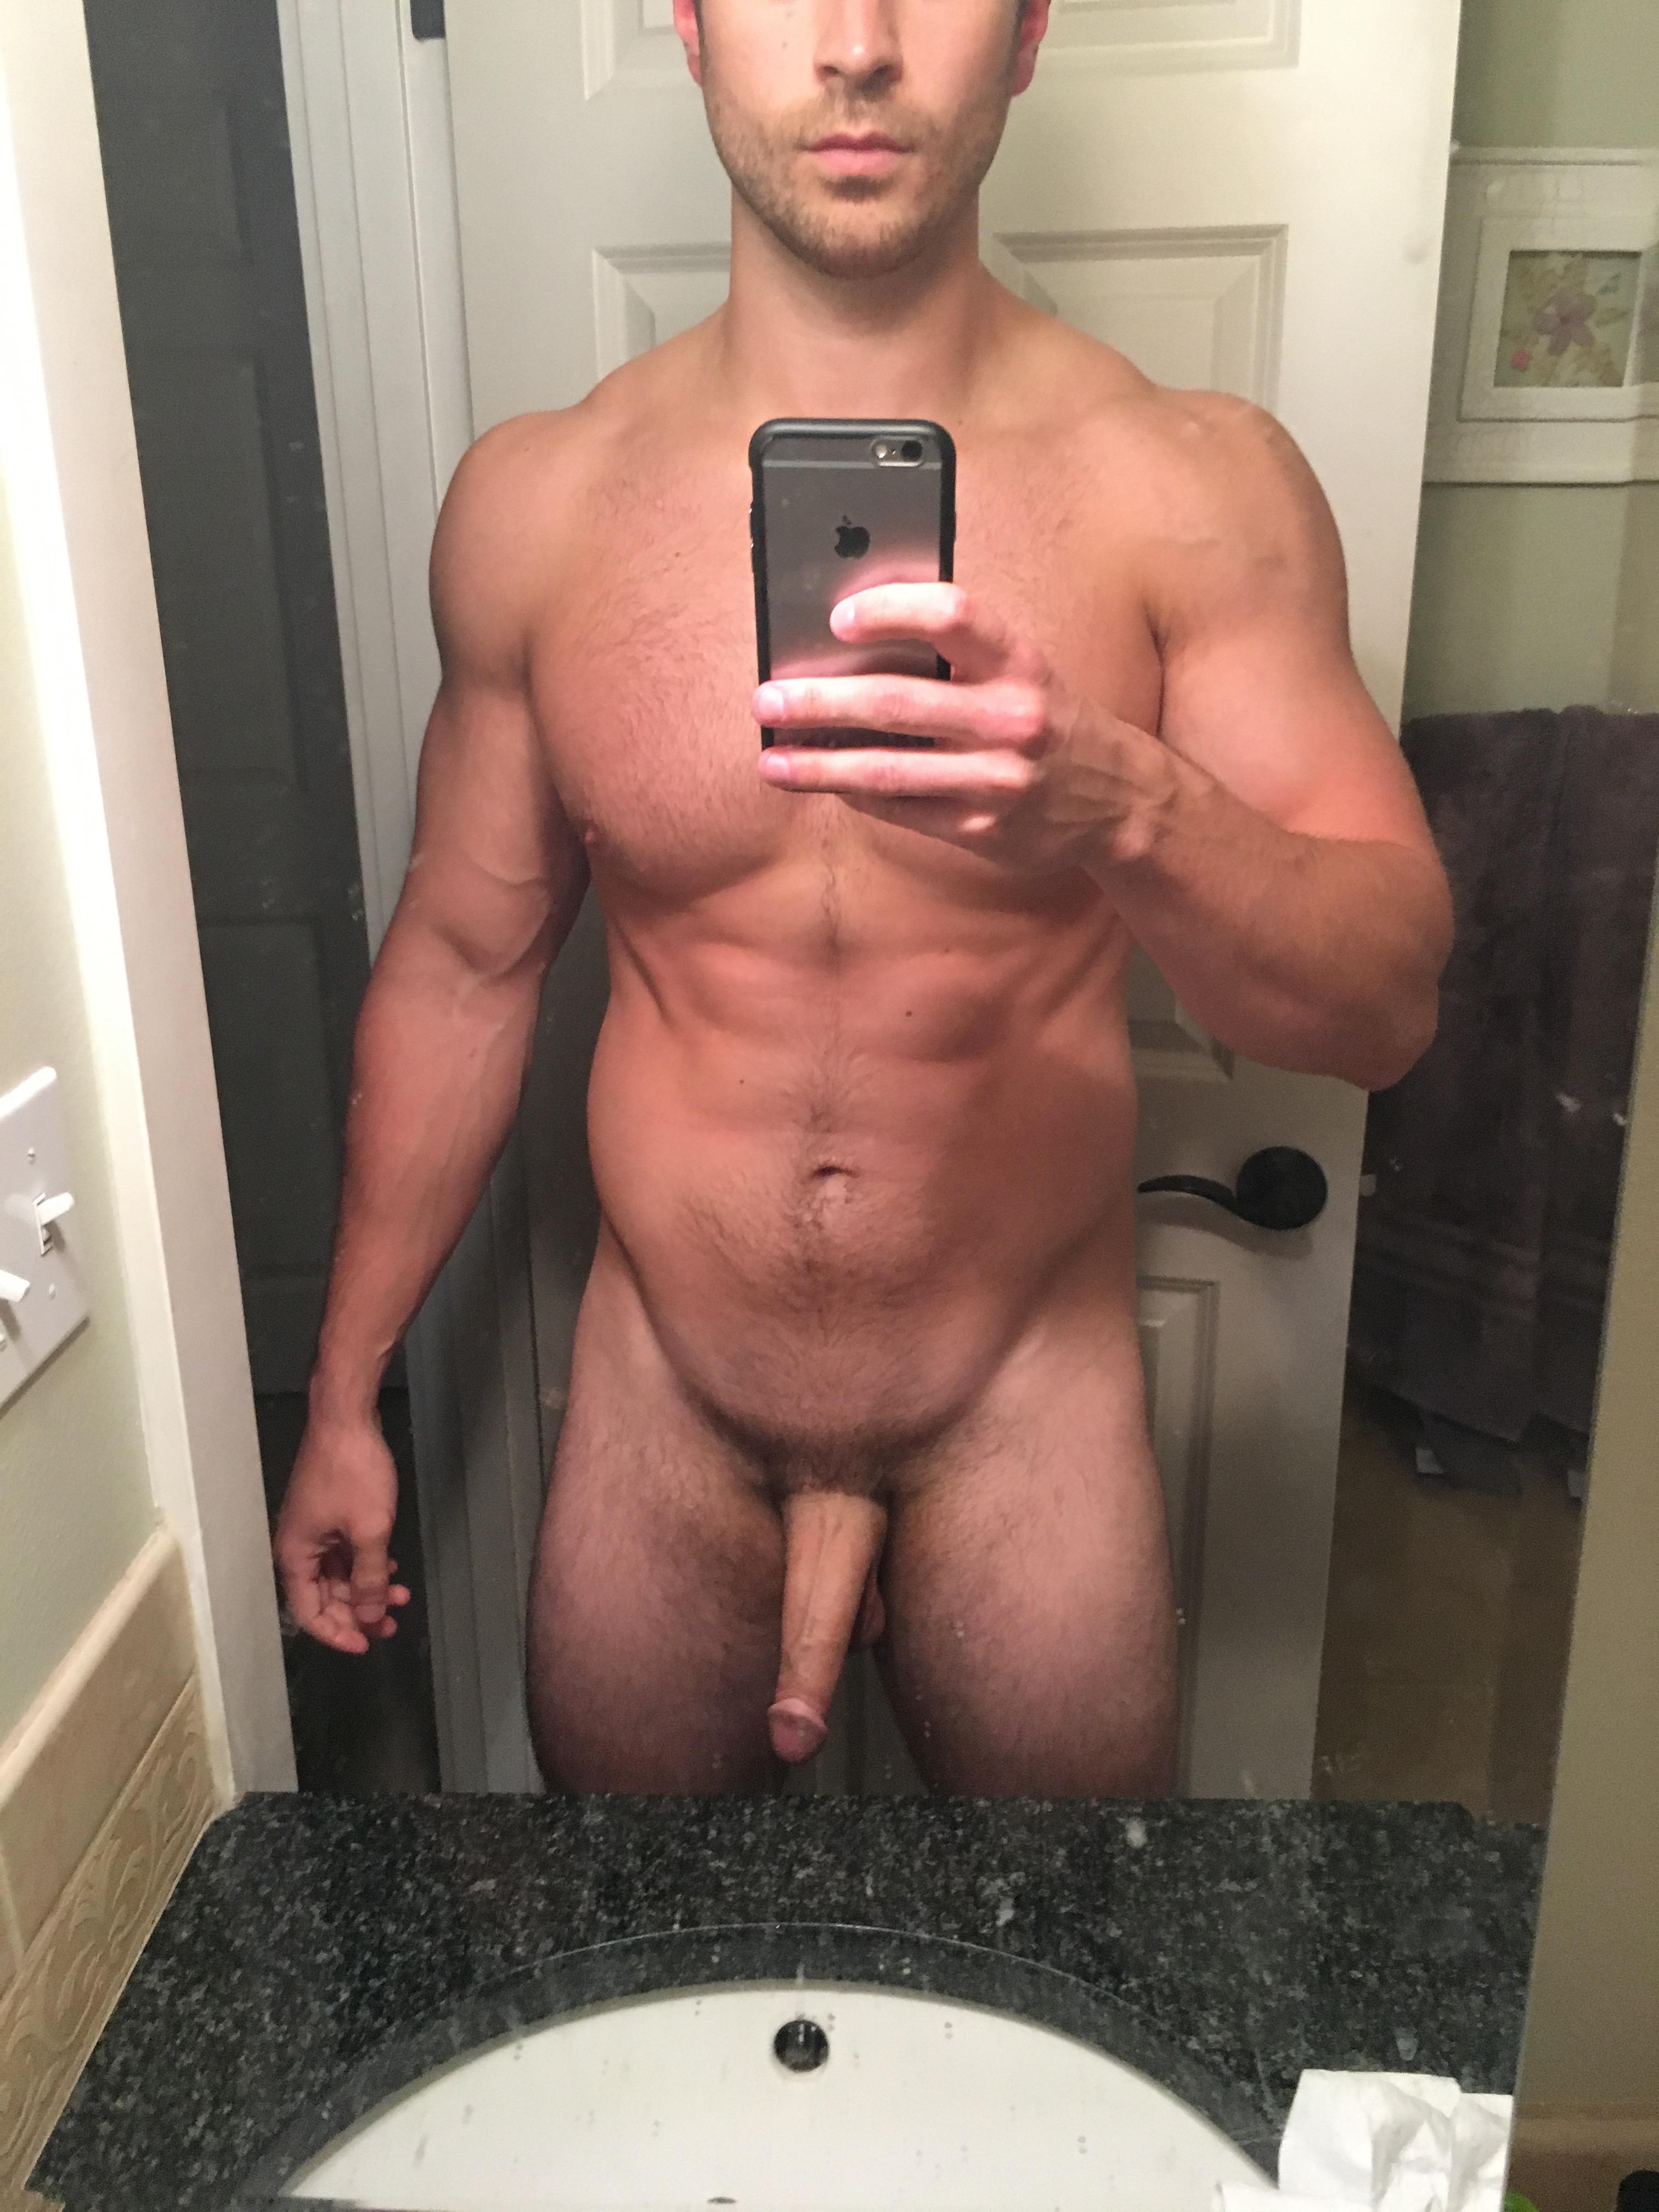 Selfie bite au repos dans salle de bain